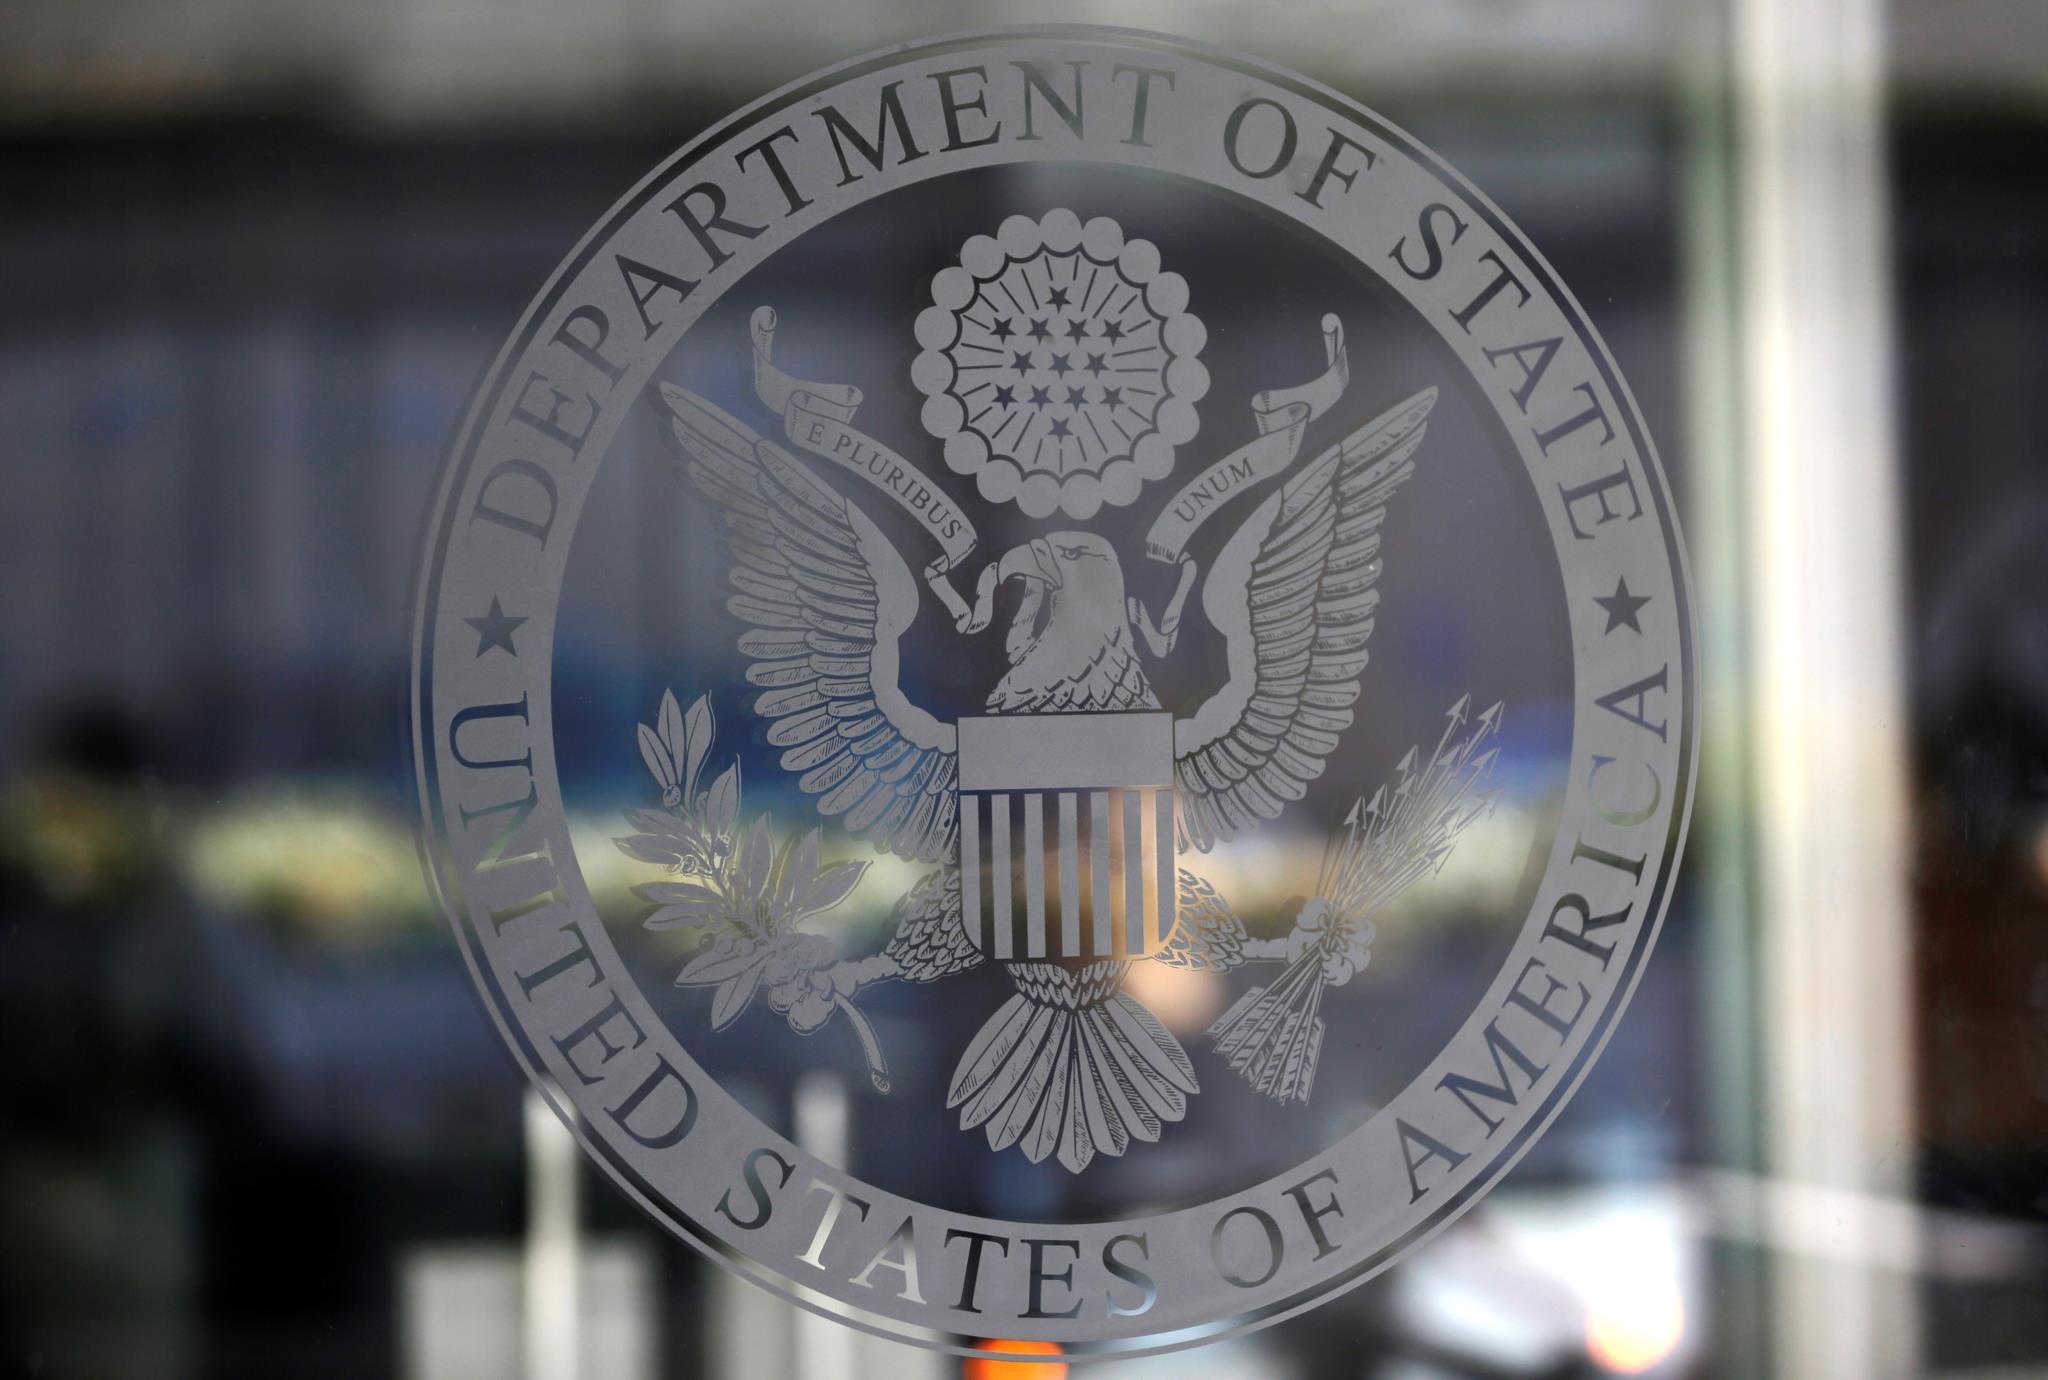 """Memorando interno foi submetido à administração do Departamento de Estado através do mecanismo denominado de """"canal de dissidência"""""""